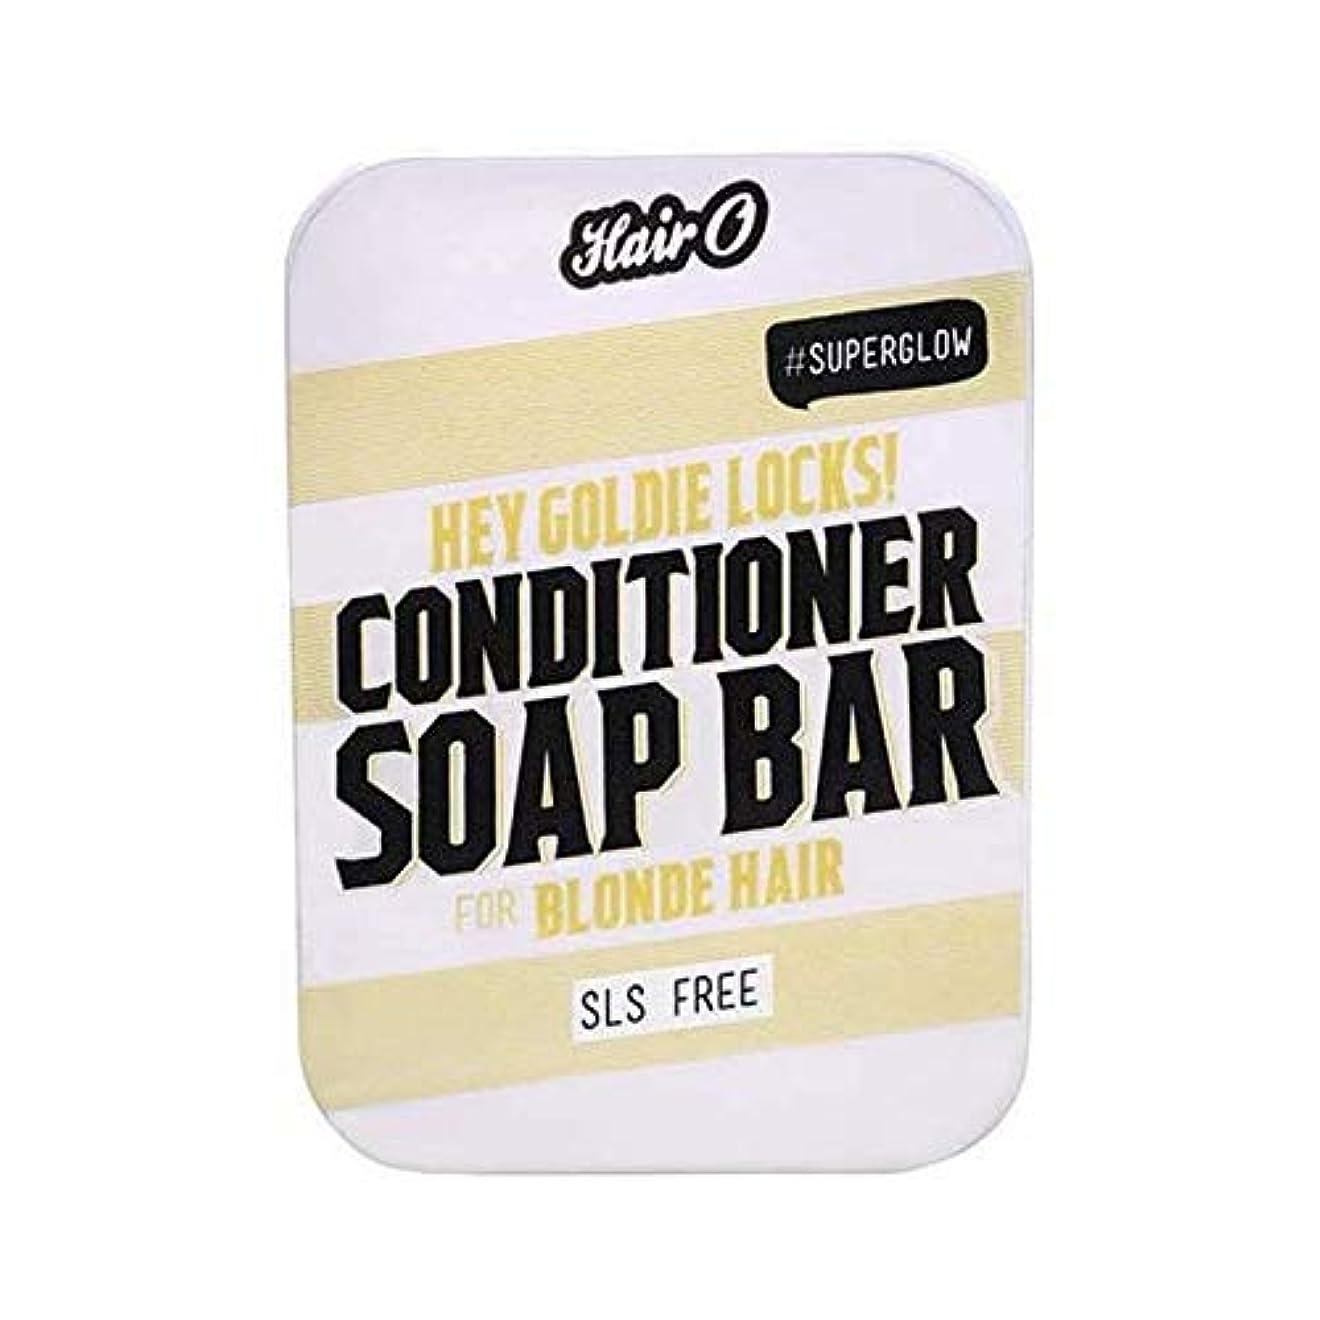 優しい加入好奇心[Hair O ] 髪ちょっとOゴールディロックCondtioner石鹸バー100グラム - Hair O Hey Goldie Locks Condtioner Soap Bar 100g [並行輸入品]